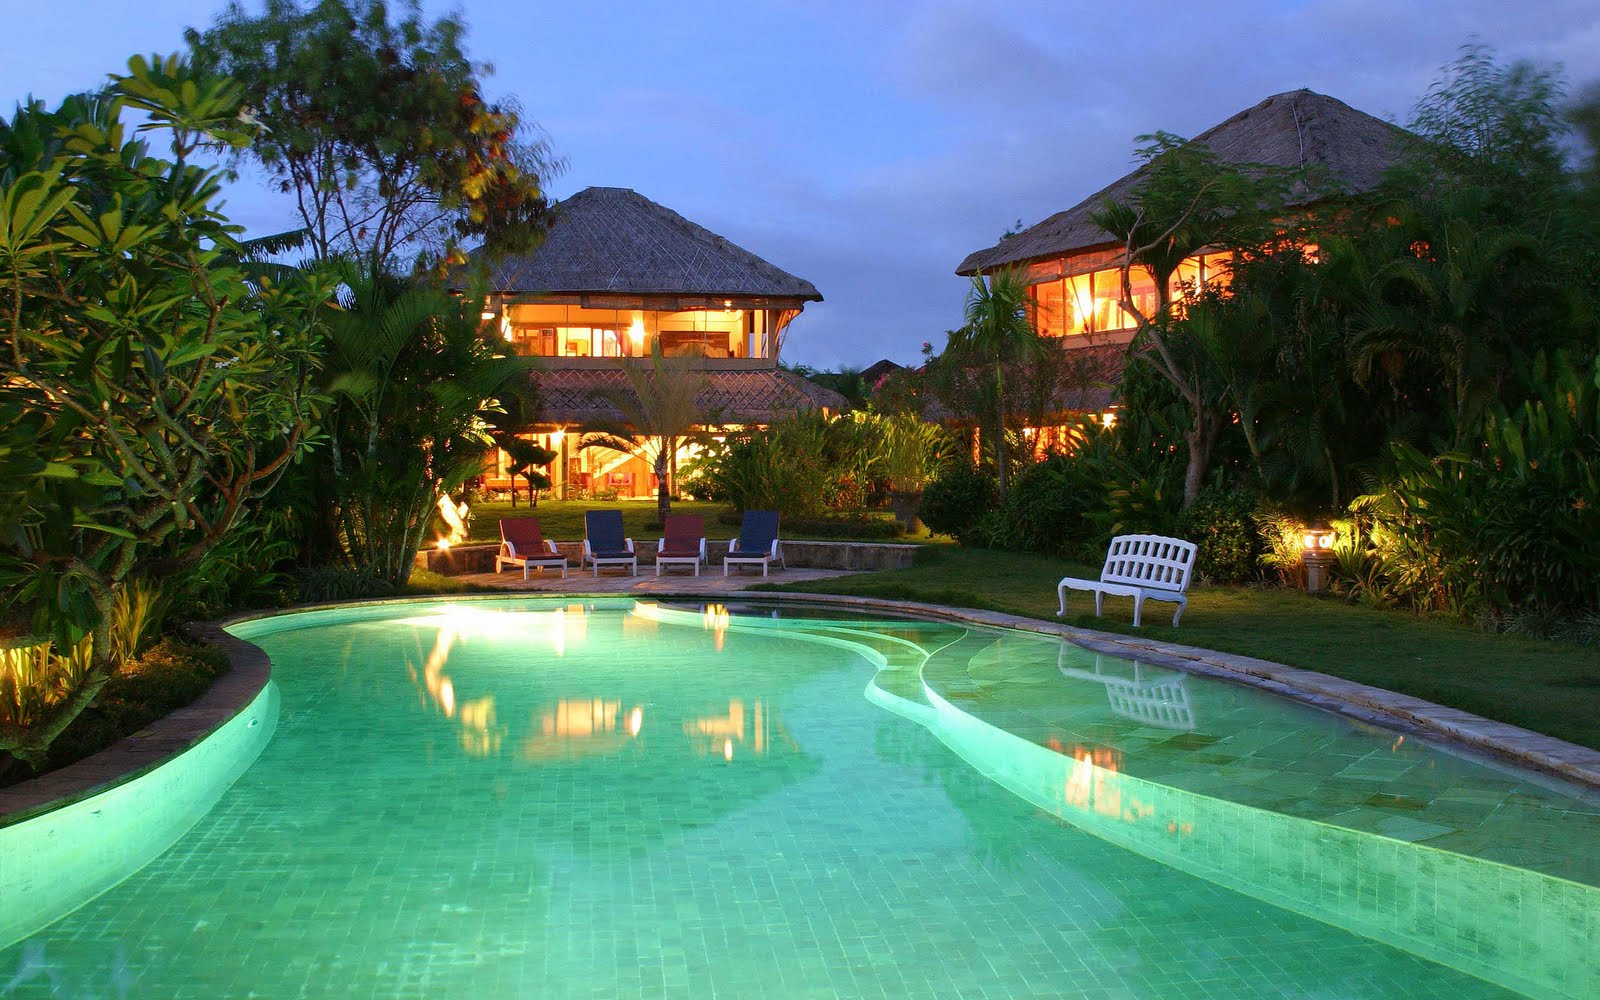 Zwembad achtergronden hd wallpapers - Zwembad huis ...